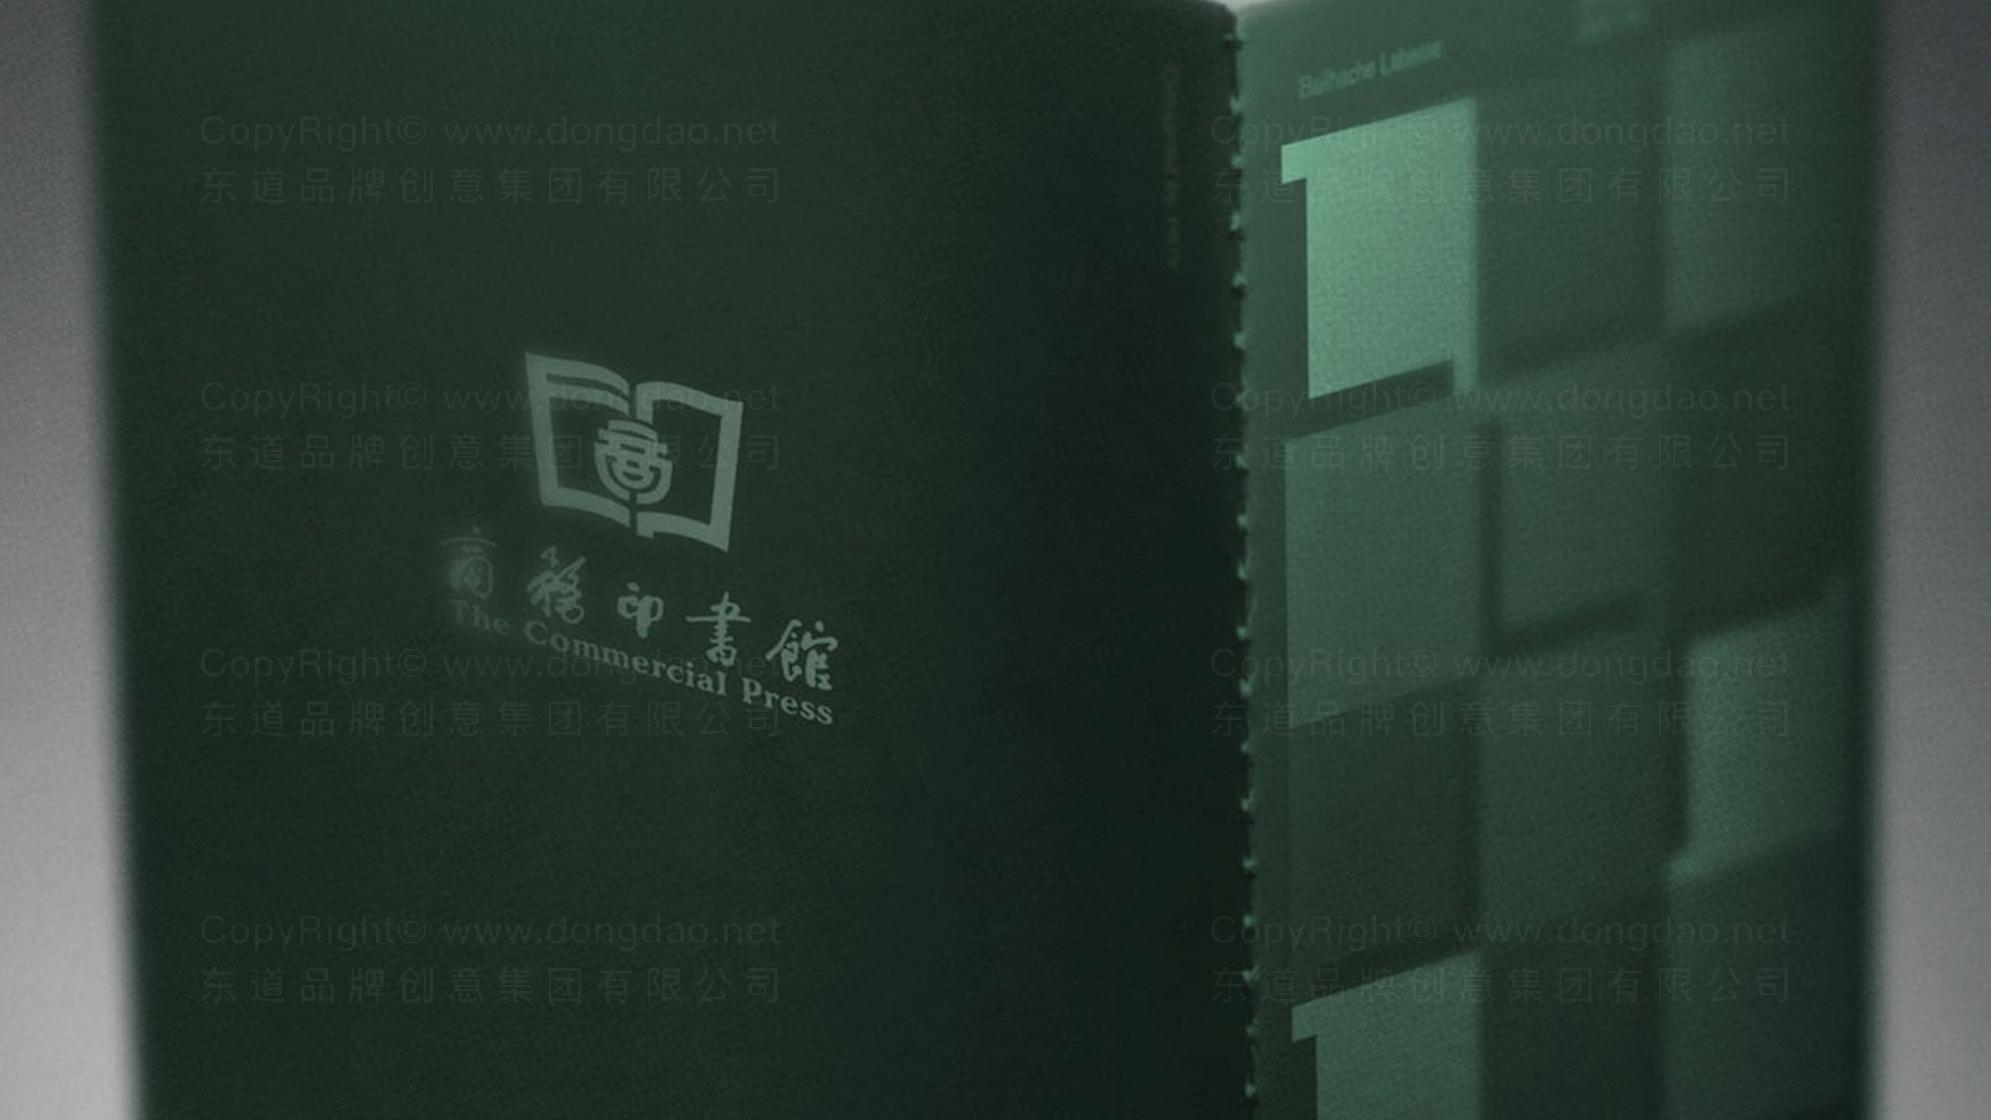 品牌设计商务印书馆LOGO优化&VI设计应用